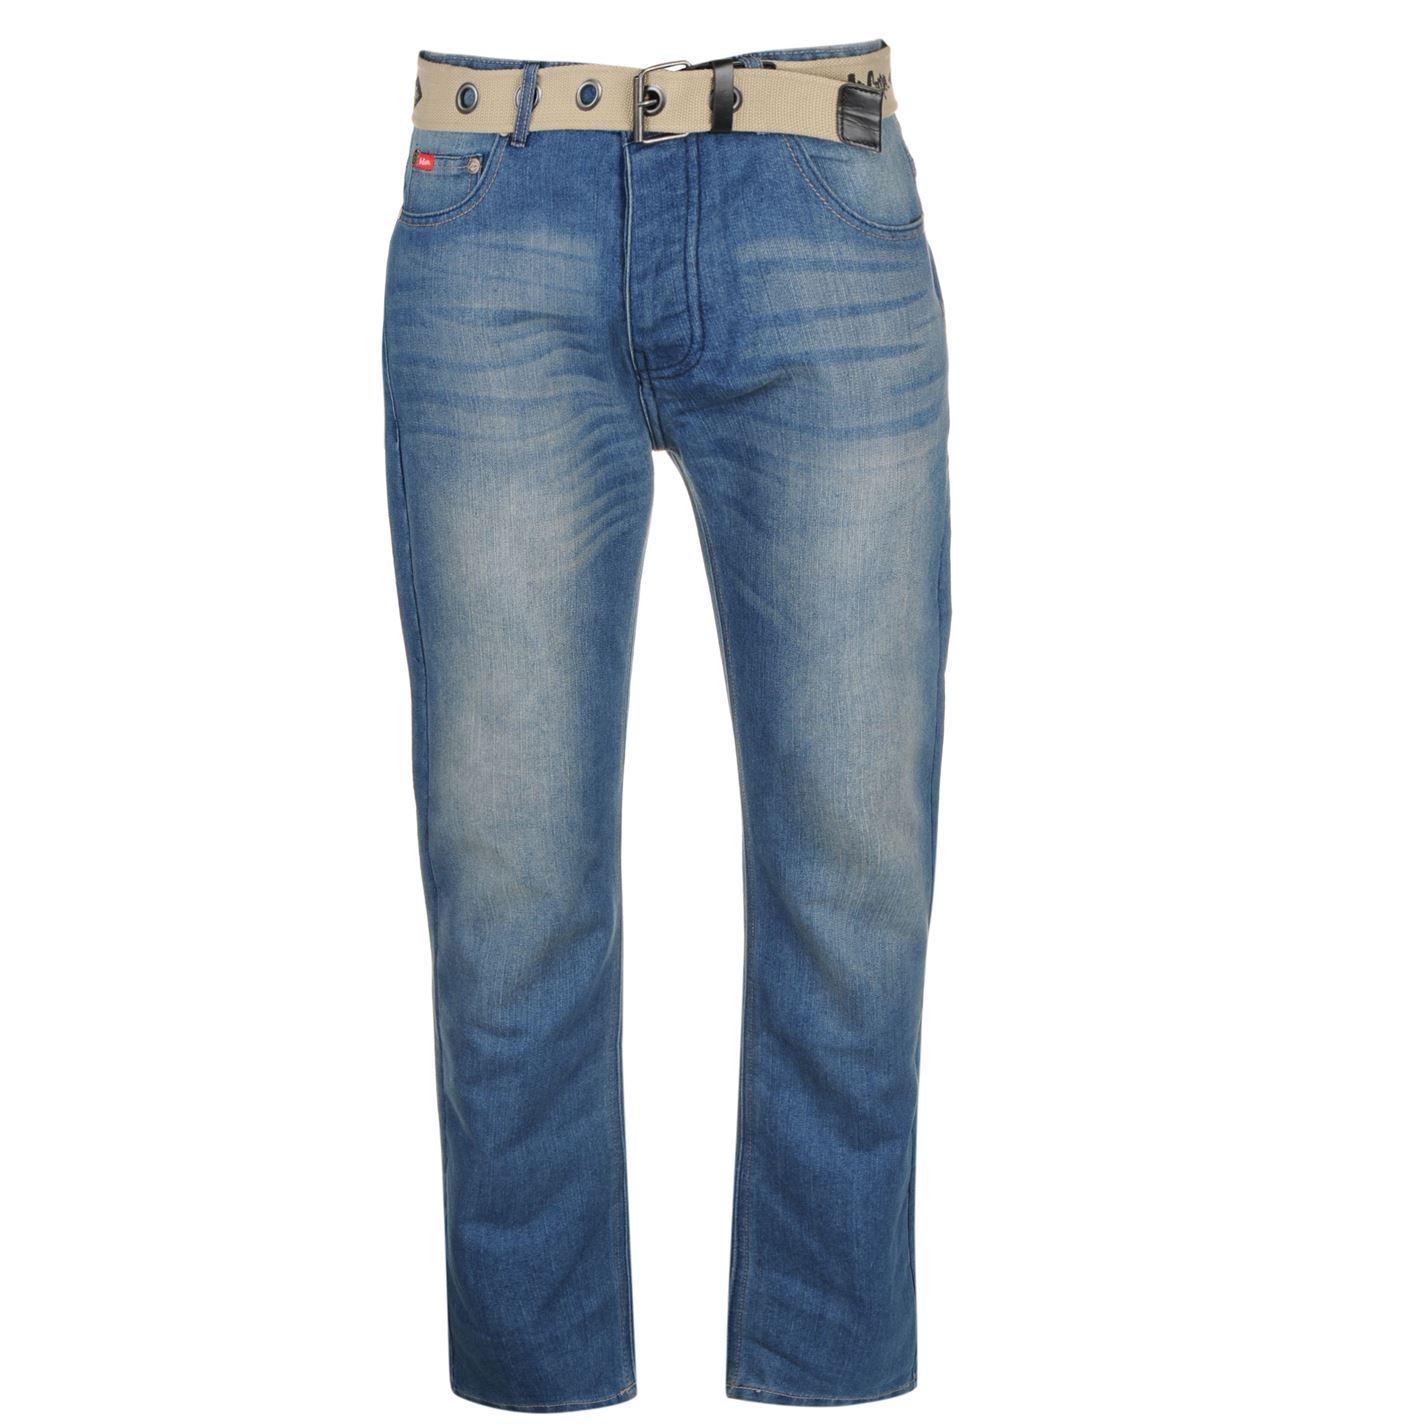 lee cooper mens belted jeans pants bottoms denims ebay. Black Bedroom Furniture Sets. Home Design Ideas